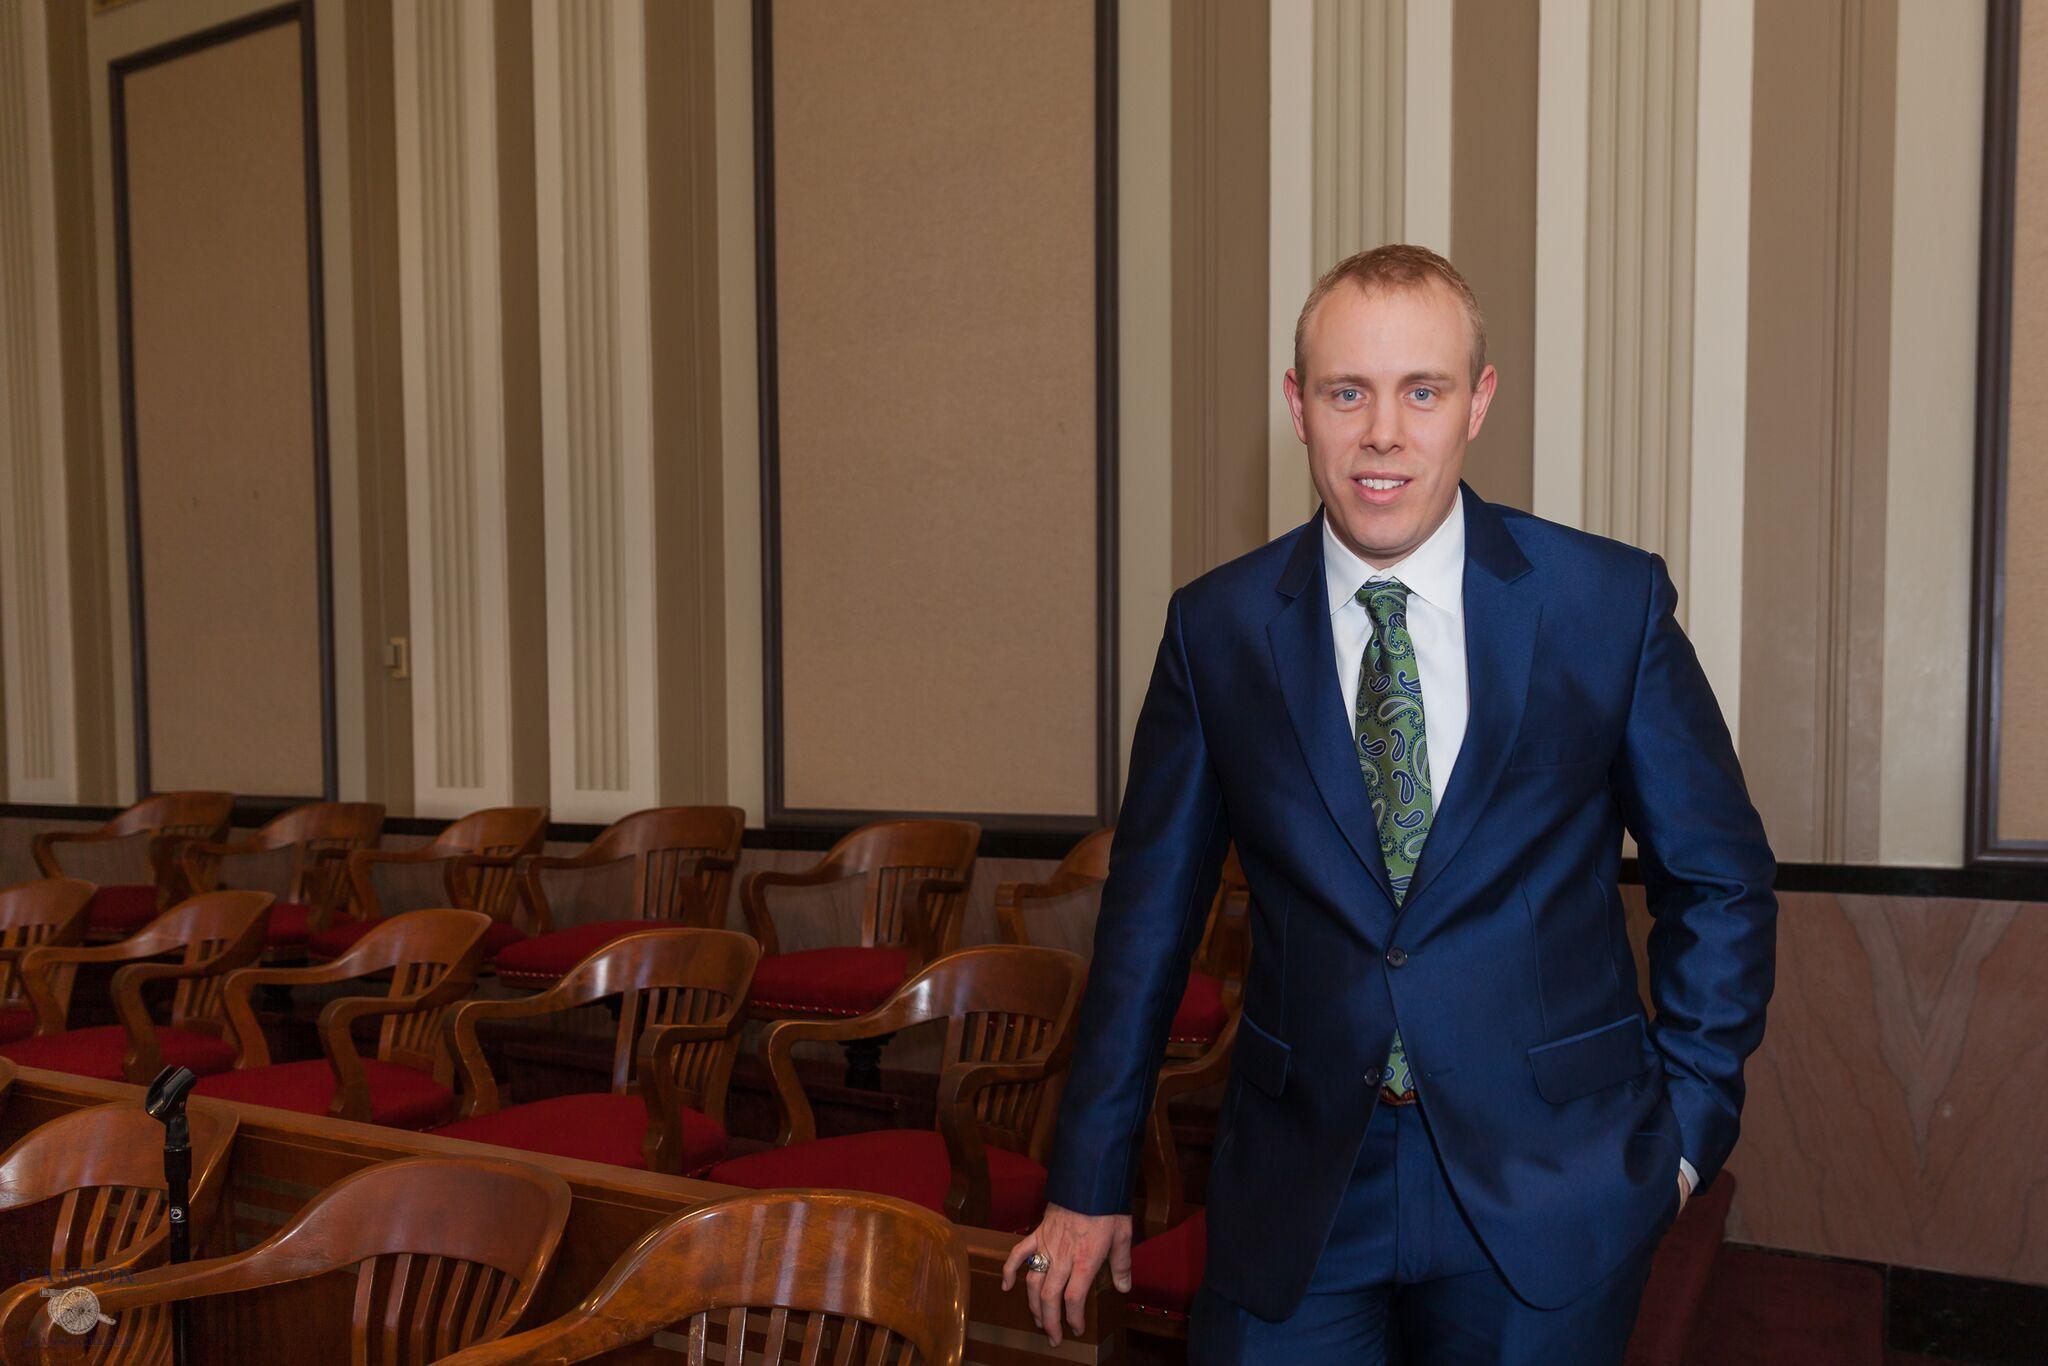 Attorney John Cannon